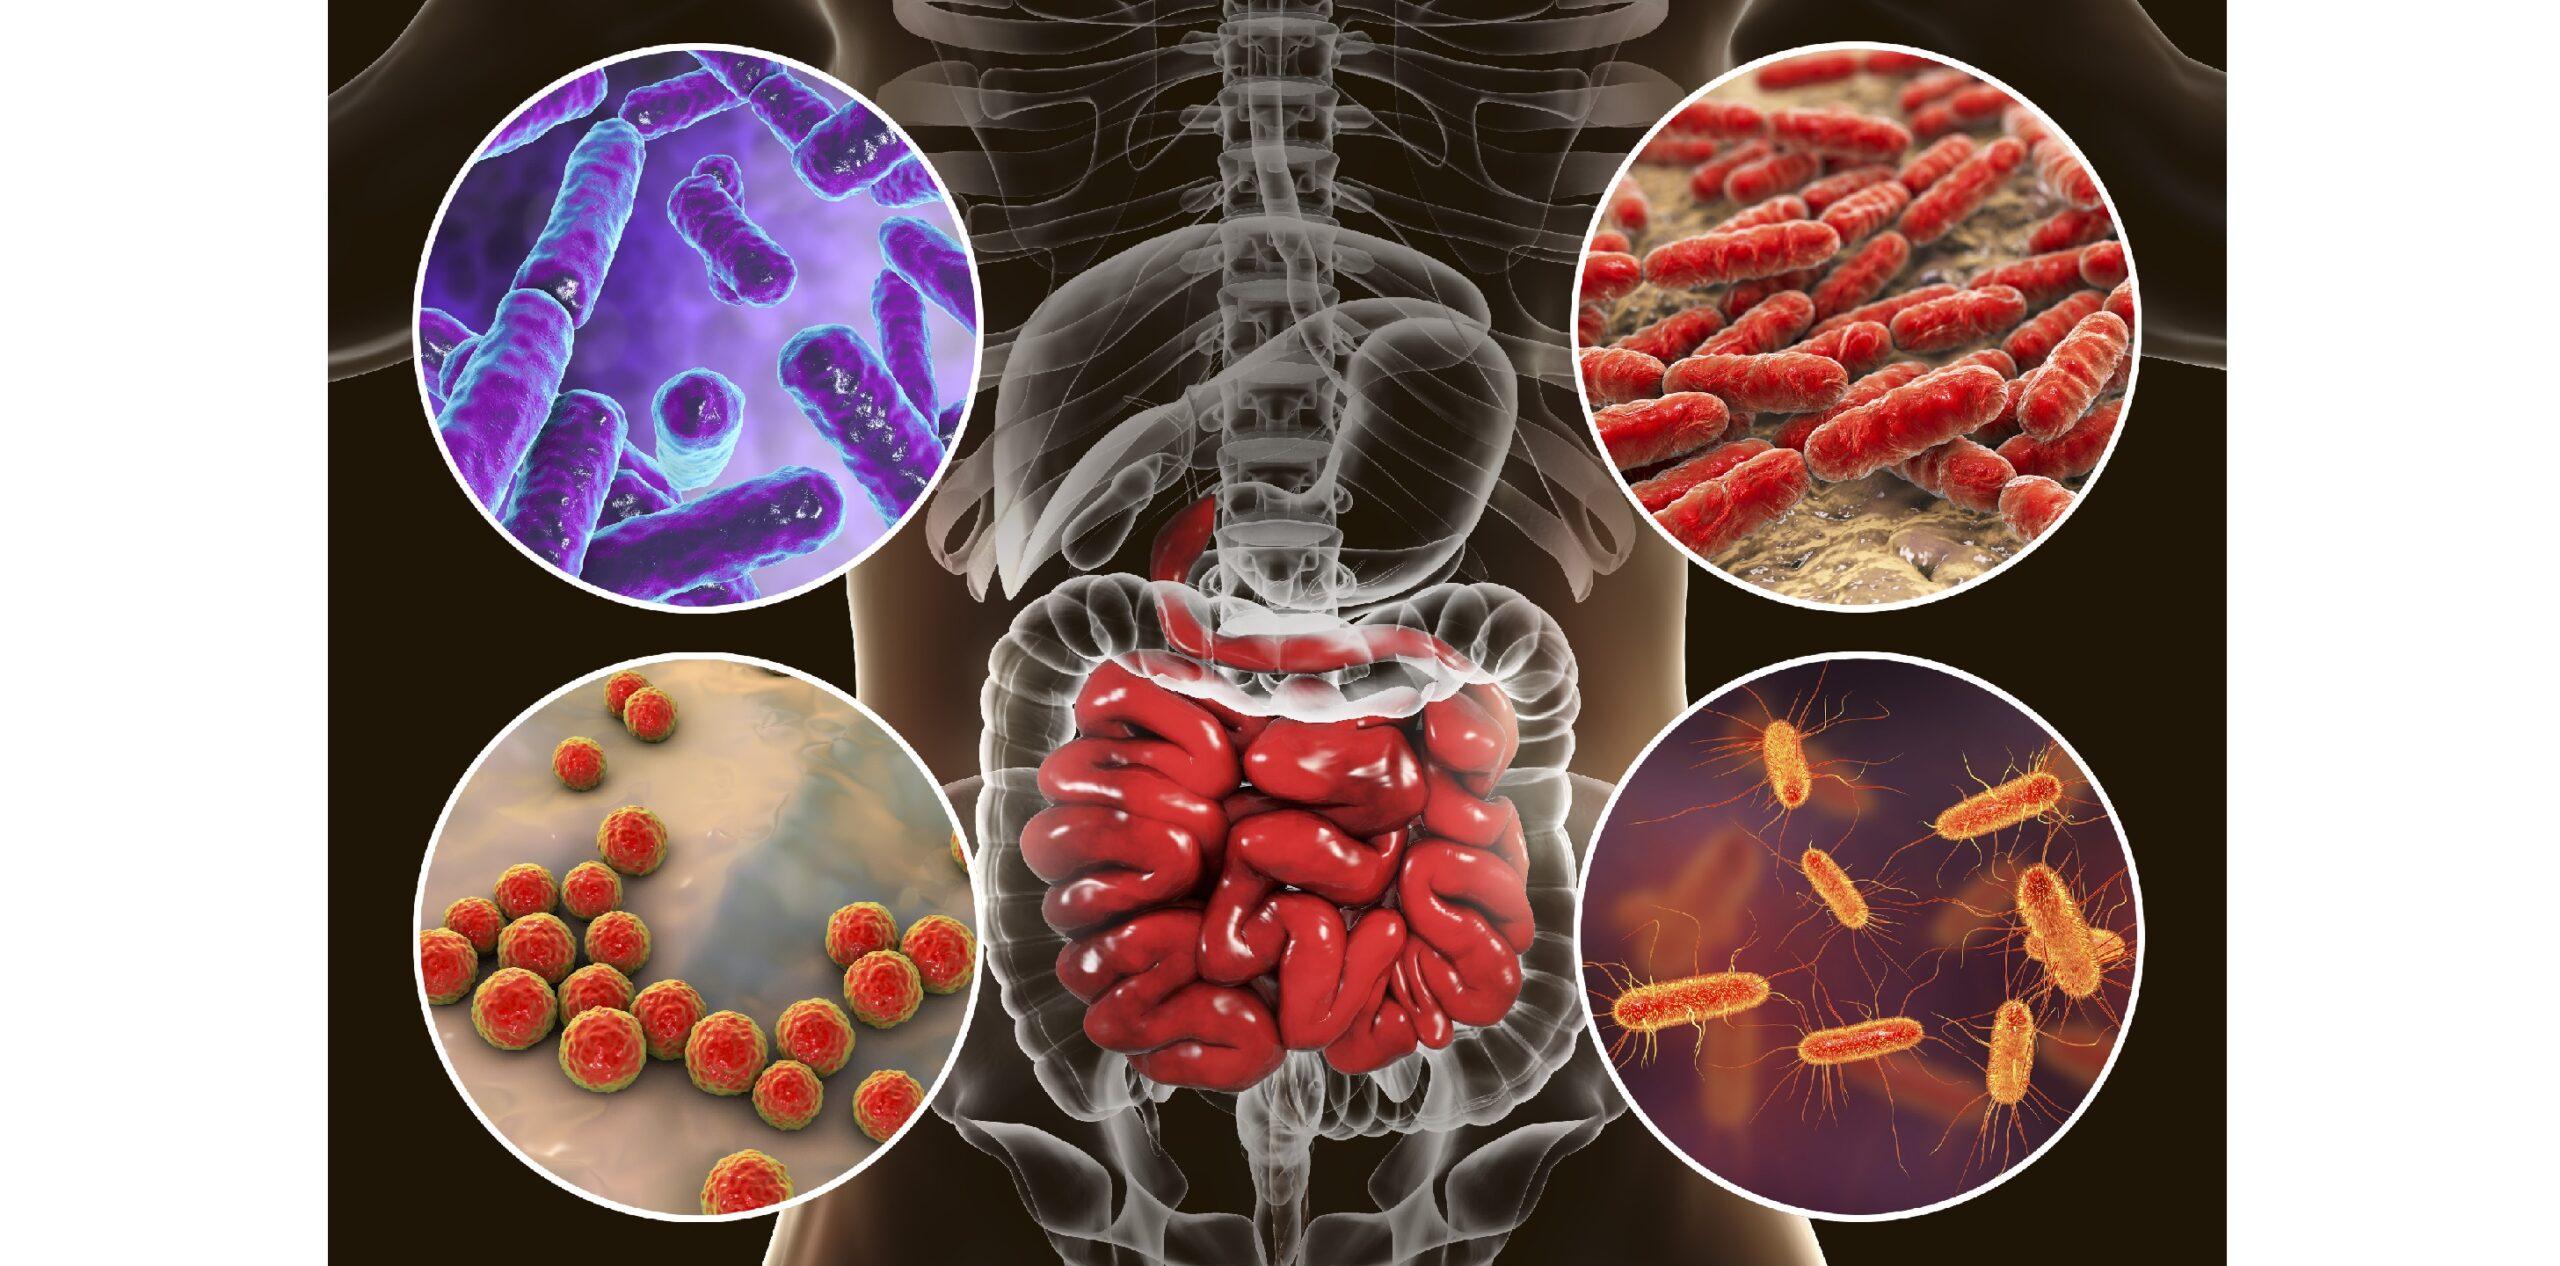 Кишечные бактерии могут помочь восстановить иммунную систему